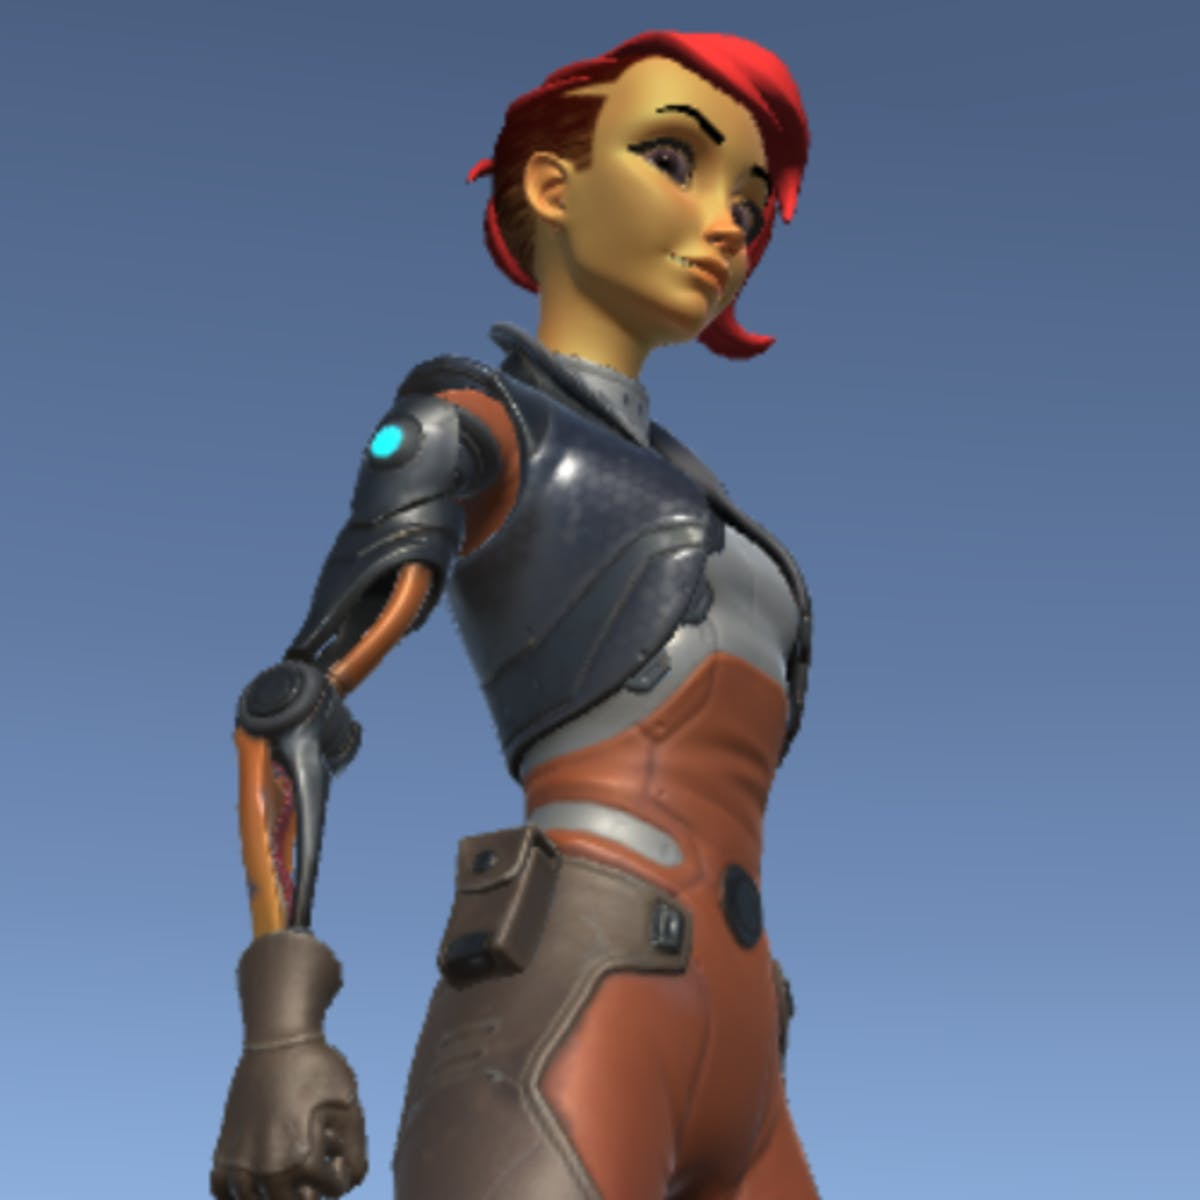 Character Setup and Animation